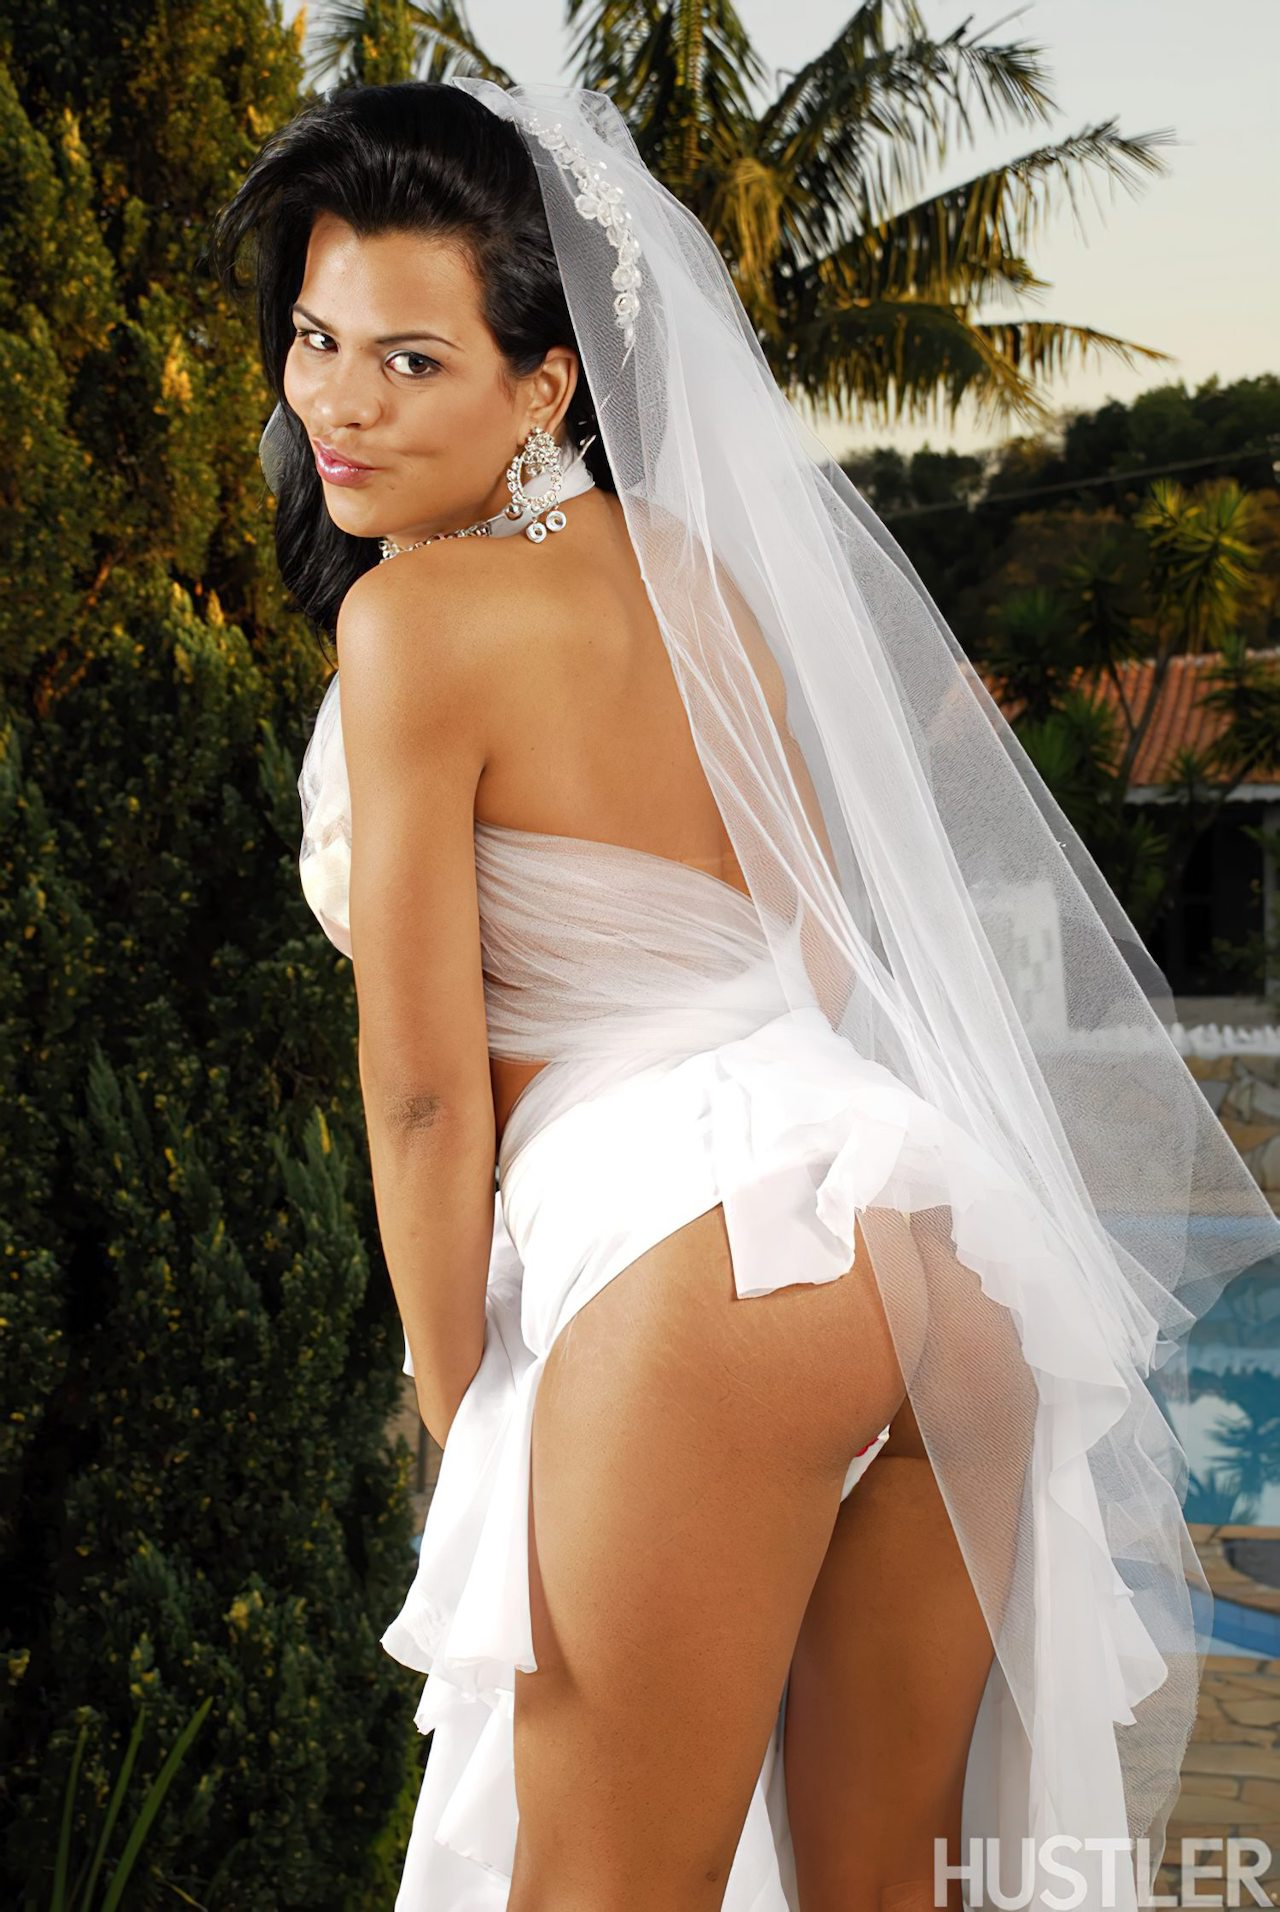 Transex Gostosa Dia Casamento (1)